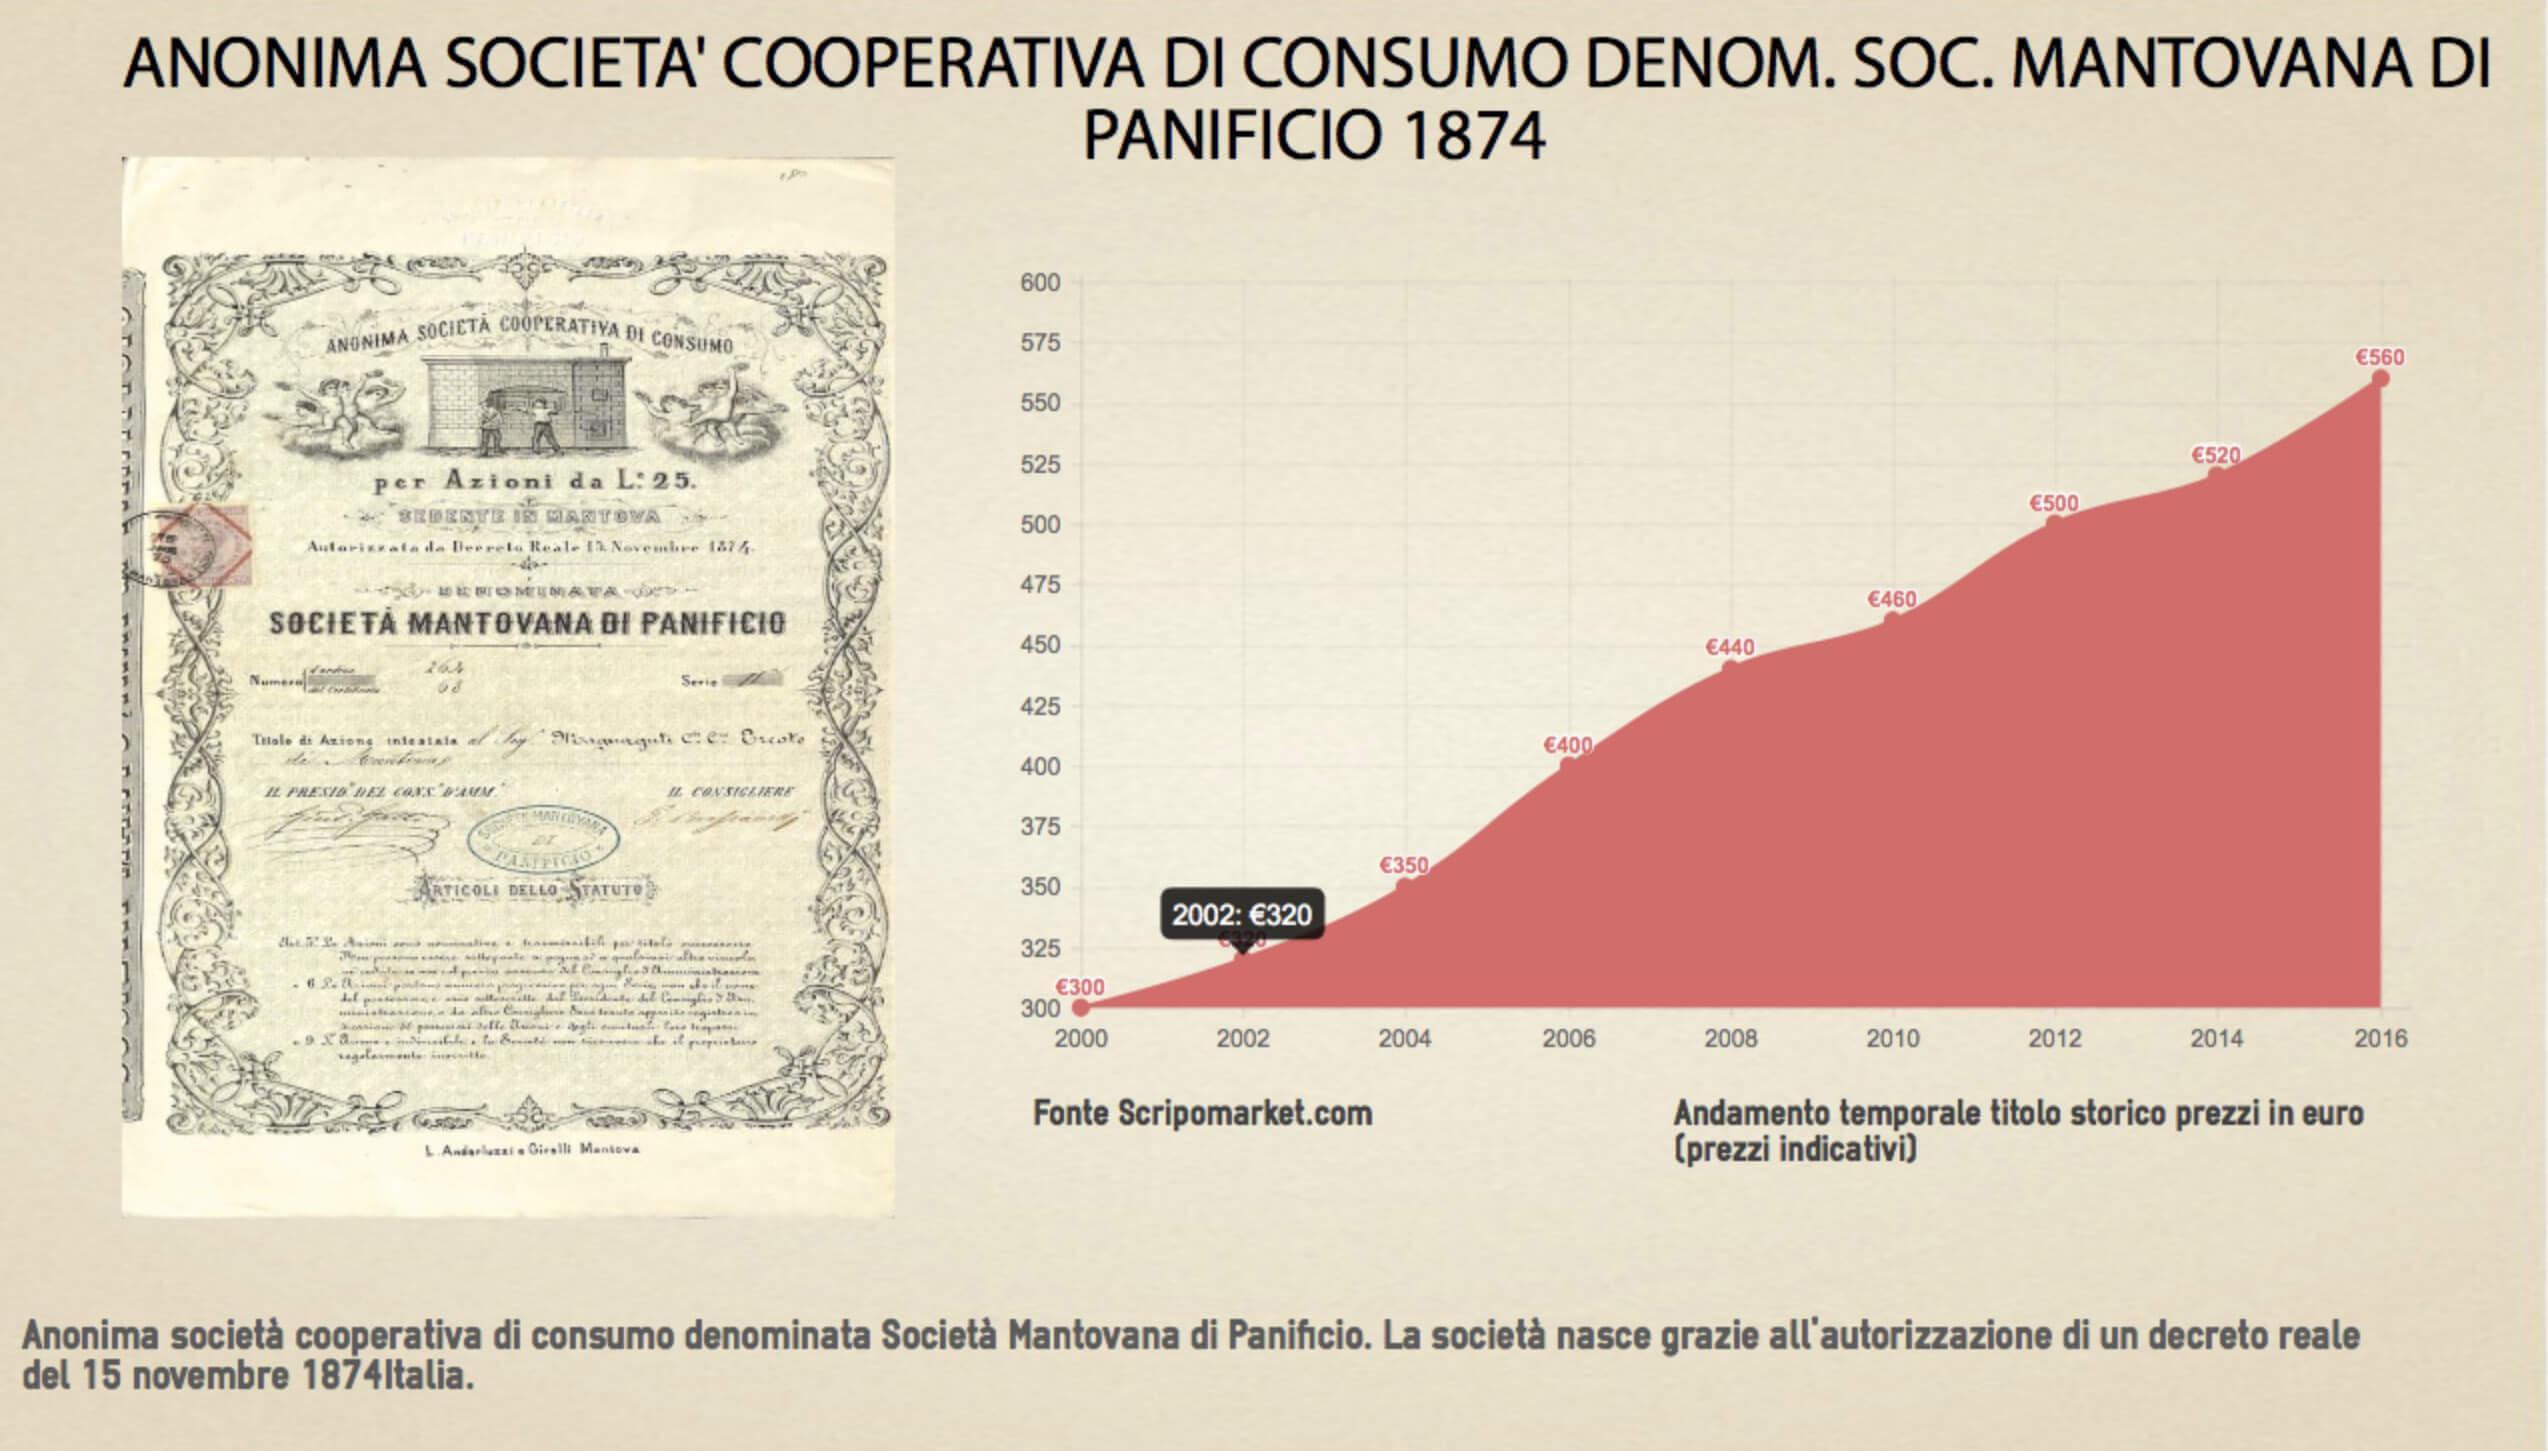 Anonima società cooperativa di consumo denom. Soc. Mantovana di panificio 1874 (di Alberto Puppo) 2